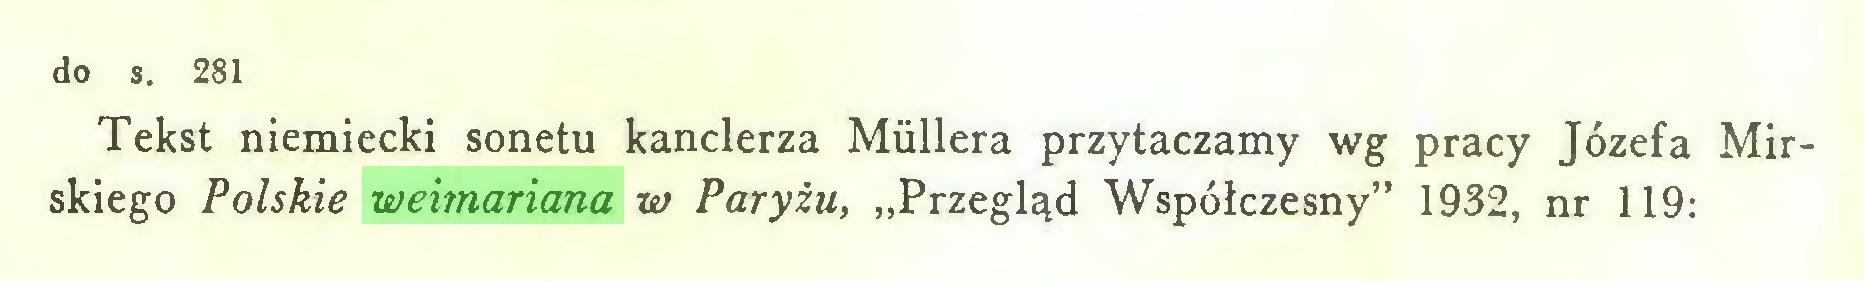 """(...) do s. 281 Tekst niemiecki sonetu kanclerza Müllera przytaczamy wg pracy Józefa Mirskiego Polskie weimariana w Paryżu, """"Przegląd Współczesny"""" 1932, nr 119:..."""